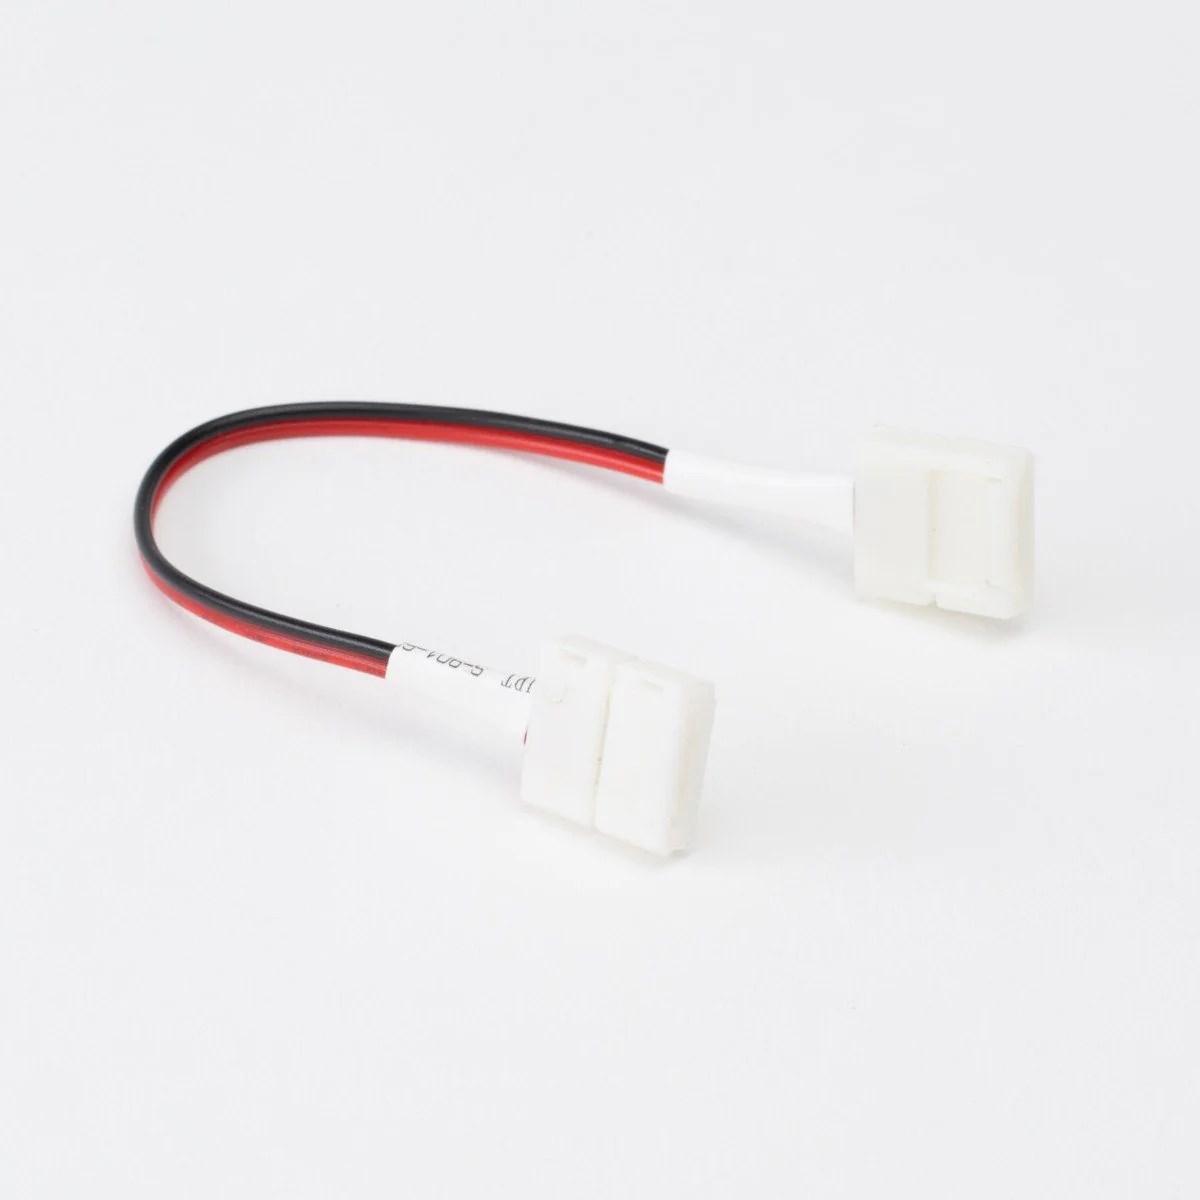 24v led strip lights led wire connectors single color